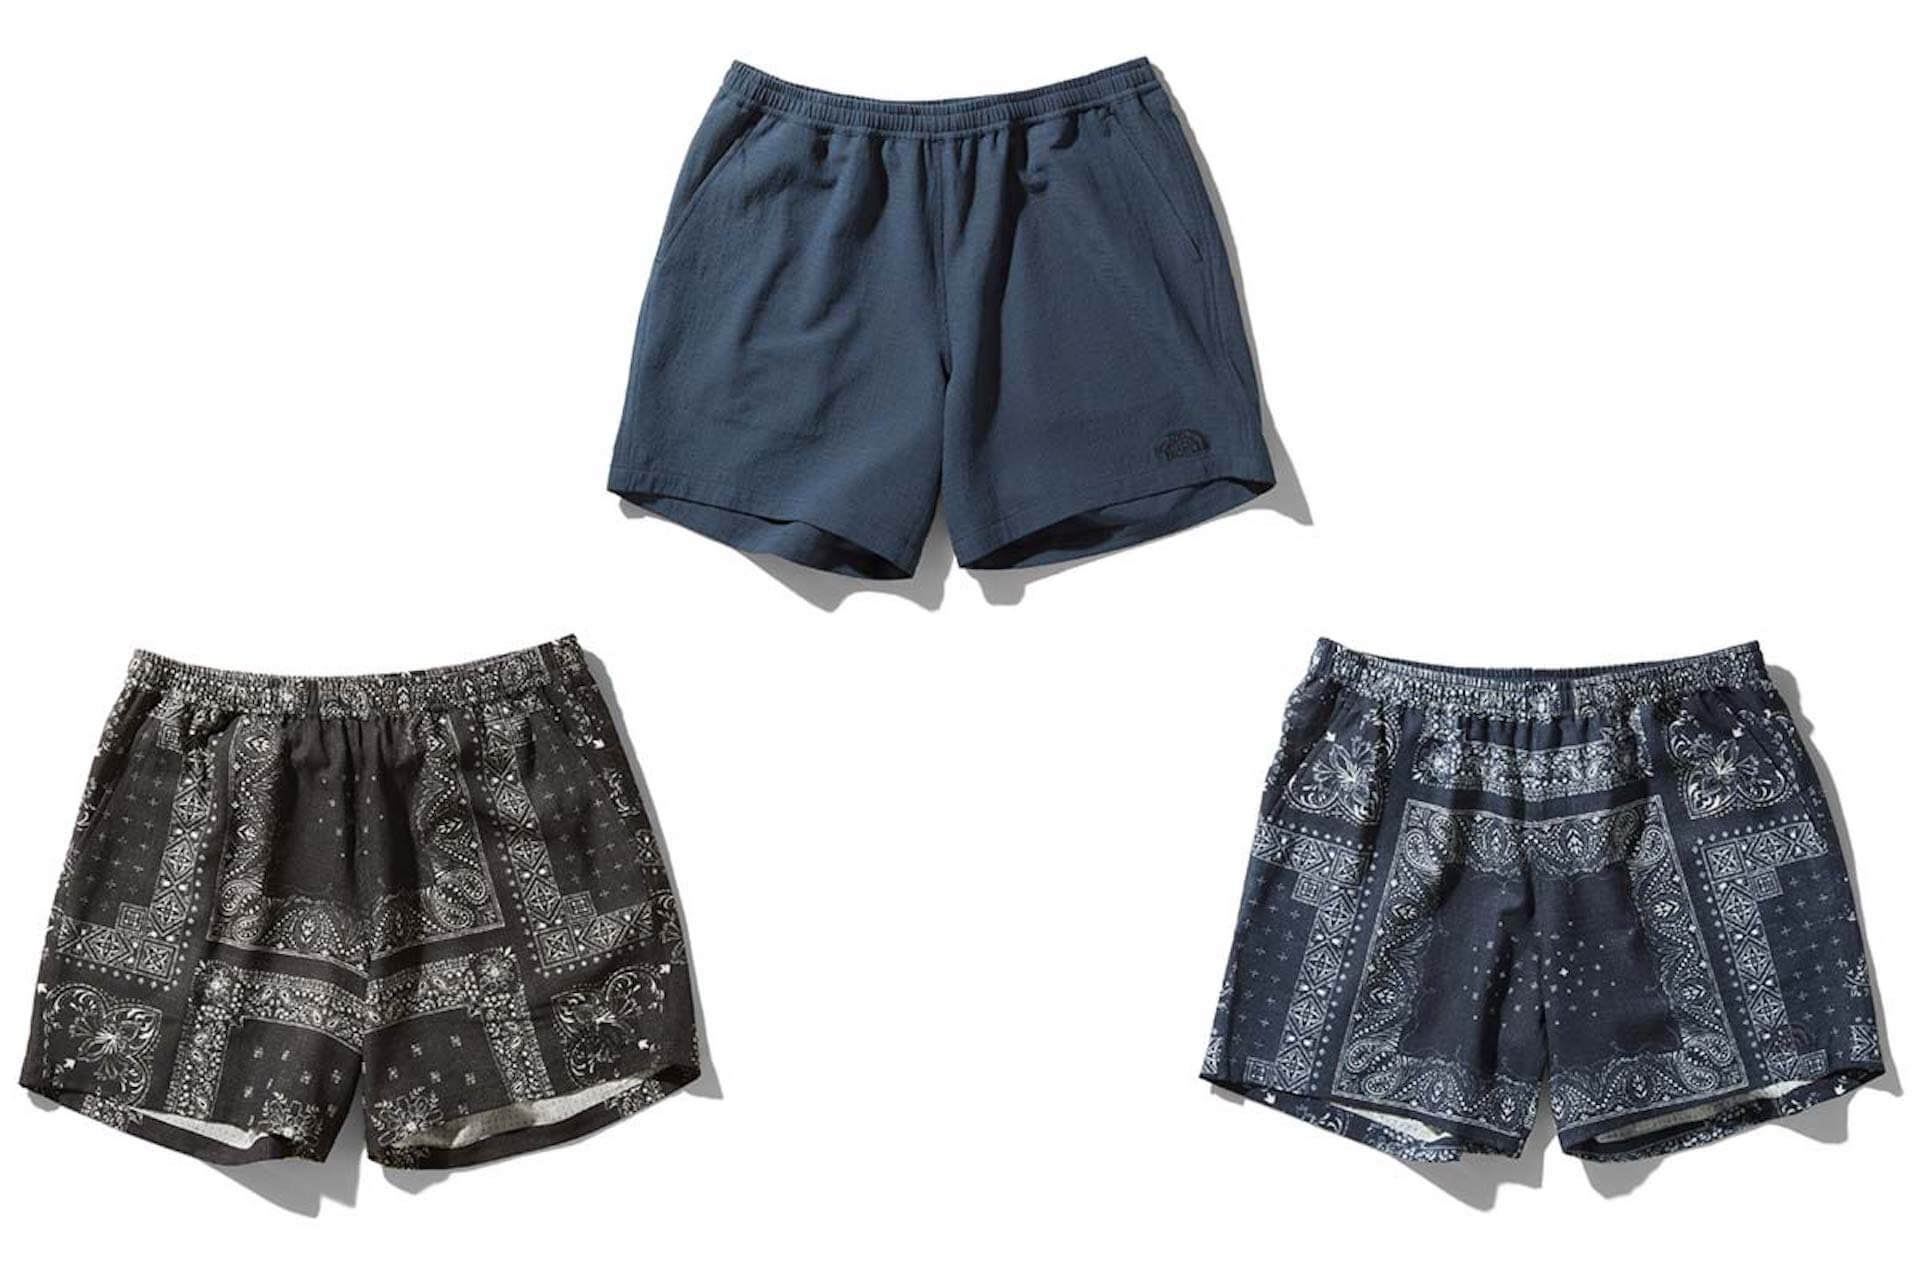 夏ファッション・コーデの必需品!アウトドアからタウンユースまで活躍するメンズ・ショートパンツ特集 life200730_jeep_shorts_10